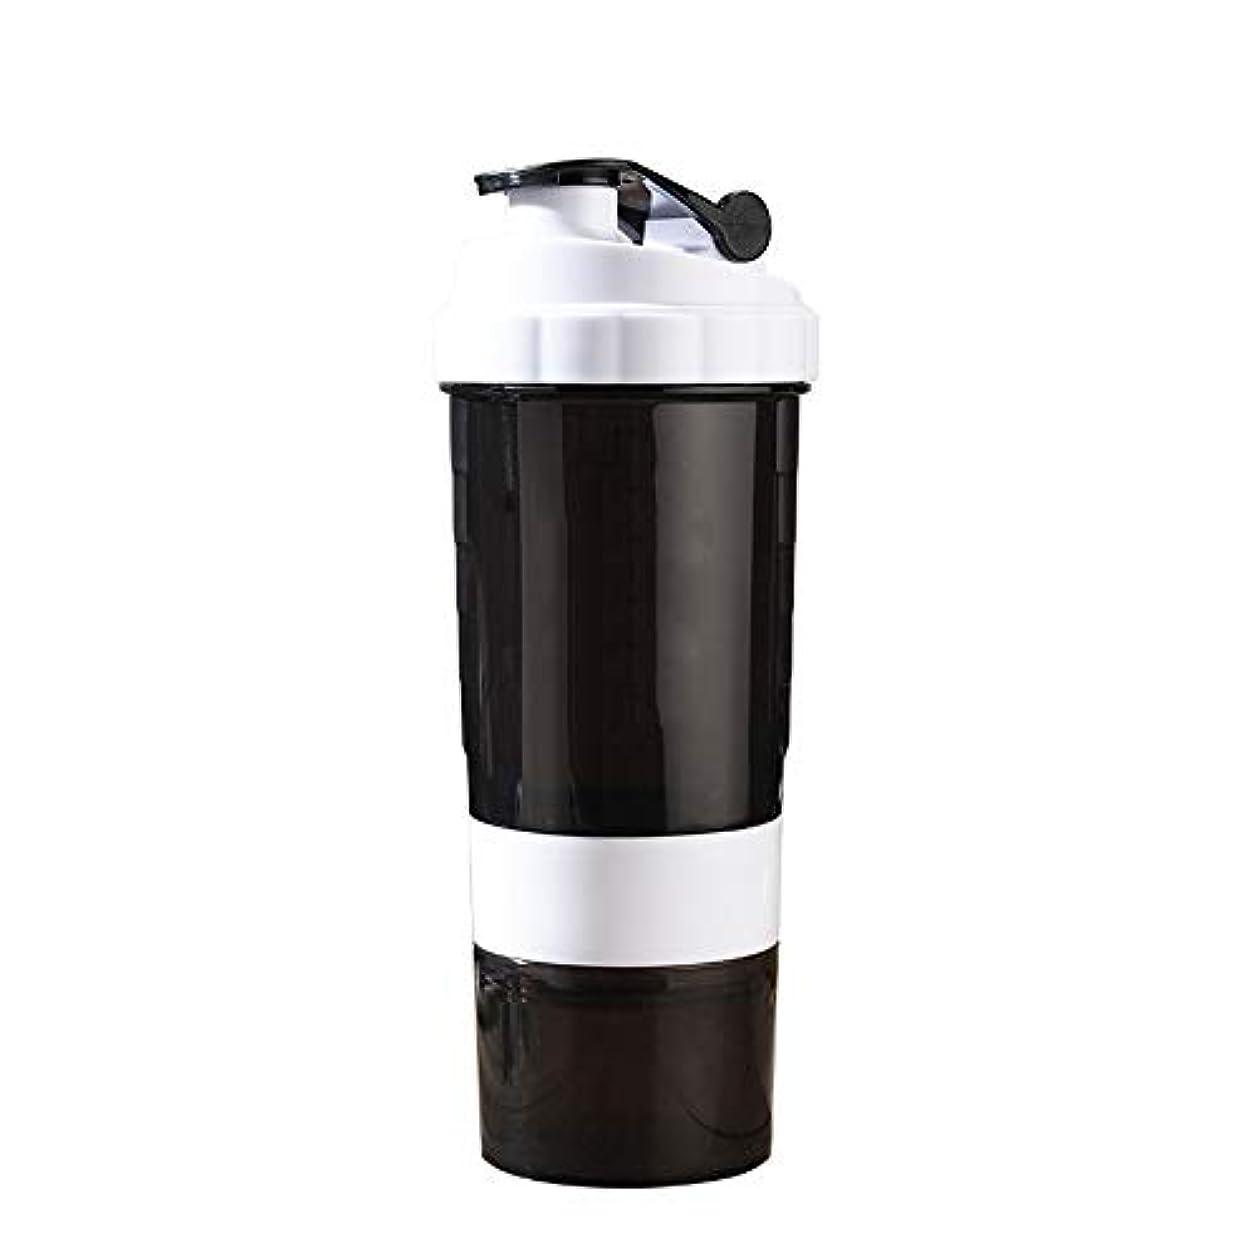 微生物水星不規則なミルクセーキ シェイクカップフ[ 最新デザイン ] 多層タンパク質粉末 シェイクカップフ ィット ネススポ ーツウォーターボトル 旋風やかんミルク スケールティーカップ